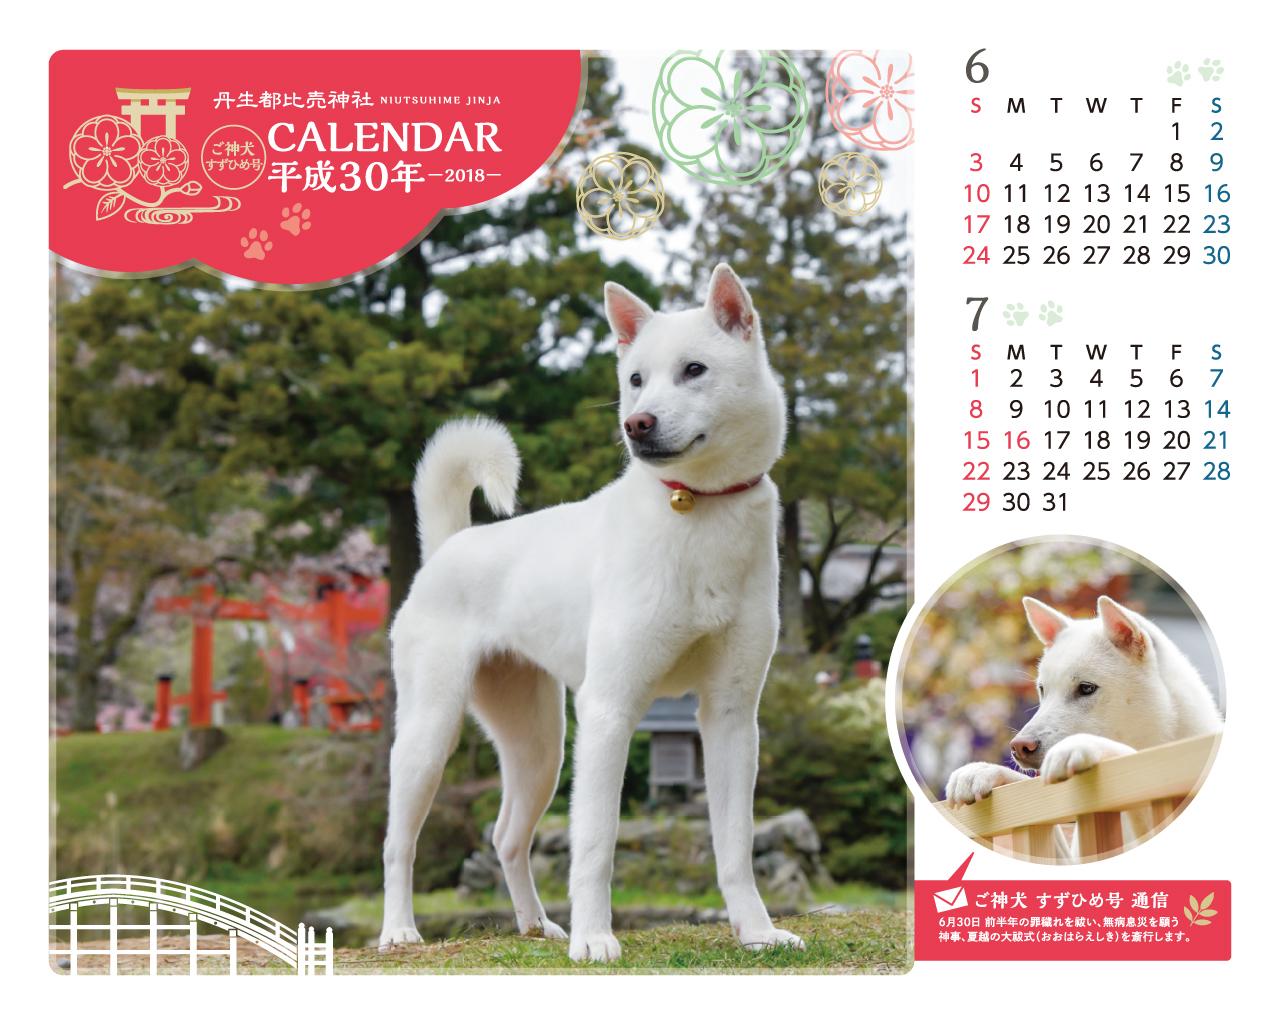 すずひめ号カレンダーのサムネイル